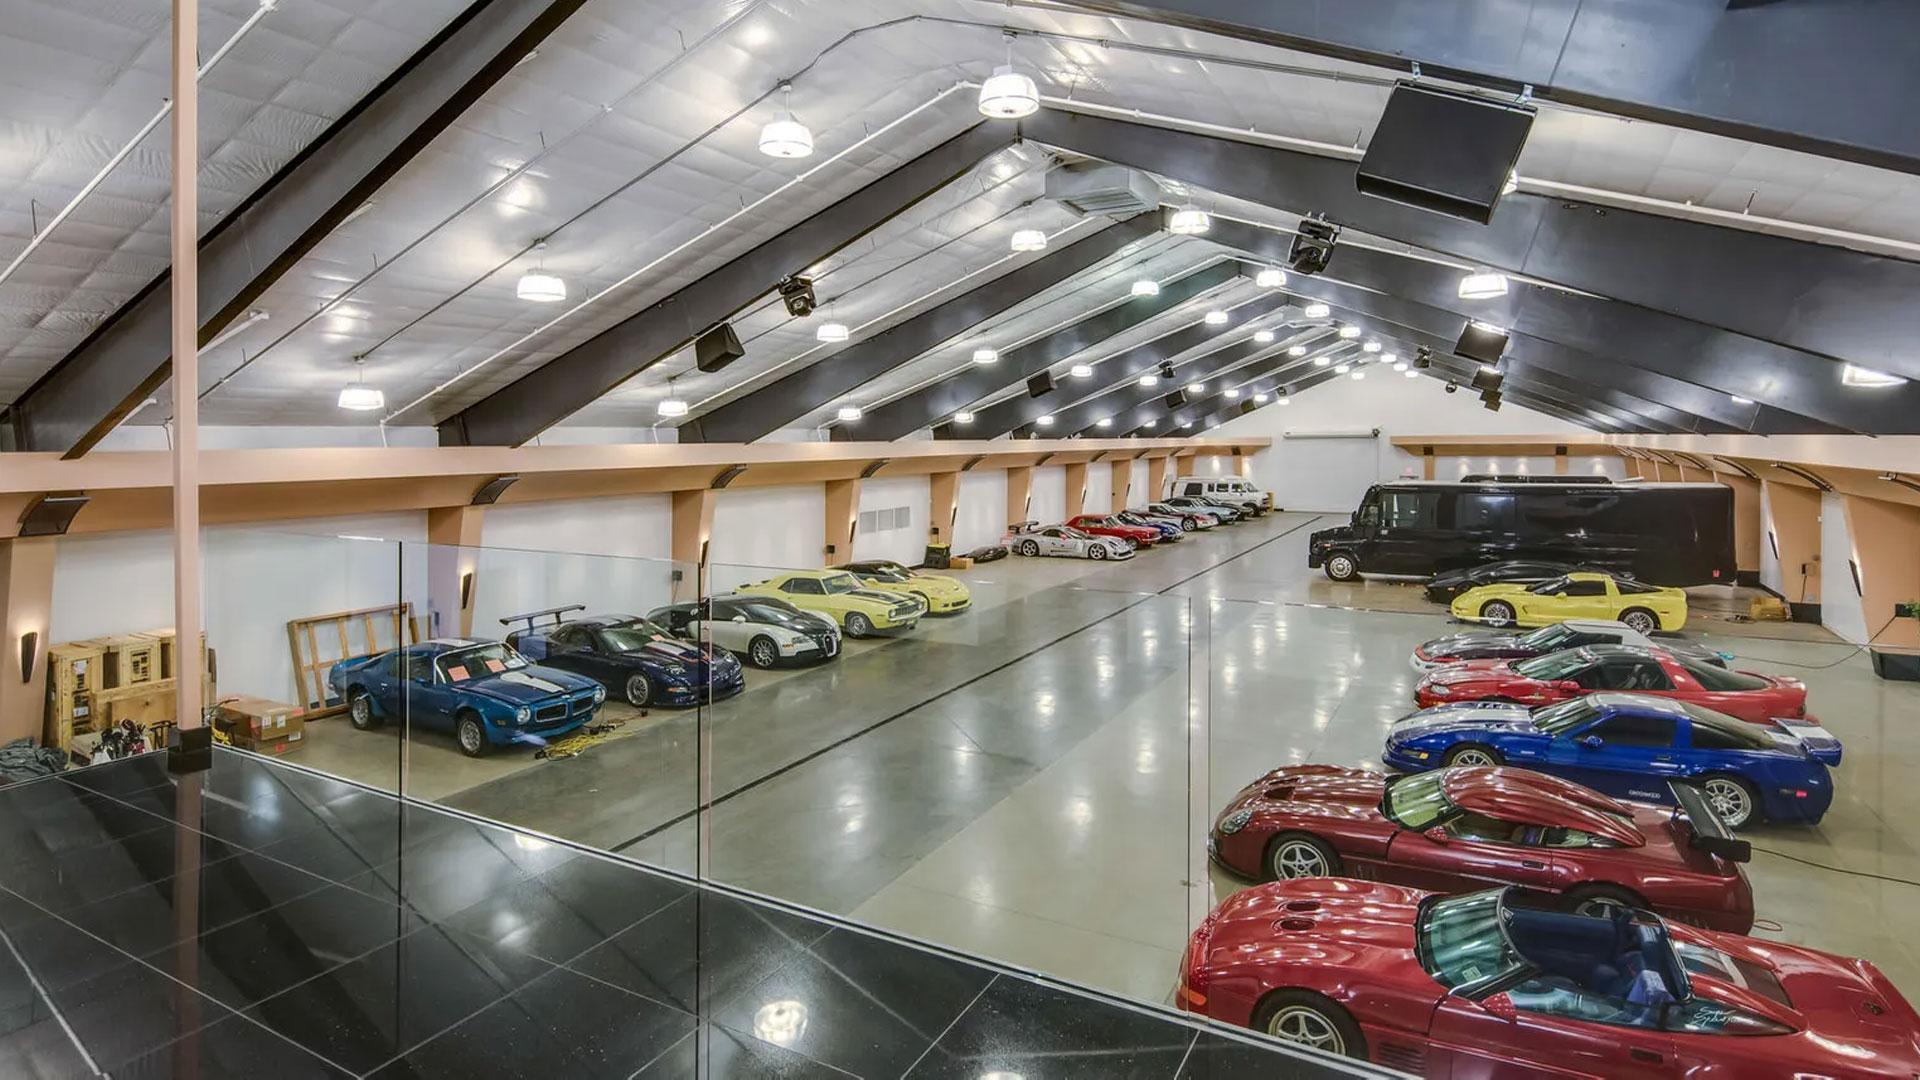 Huis met garage voor 100 auto's